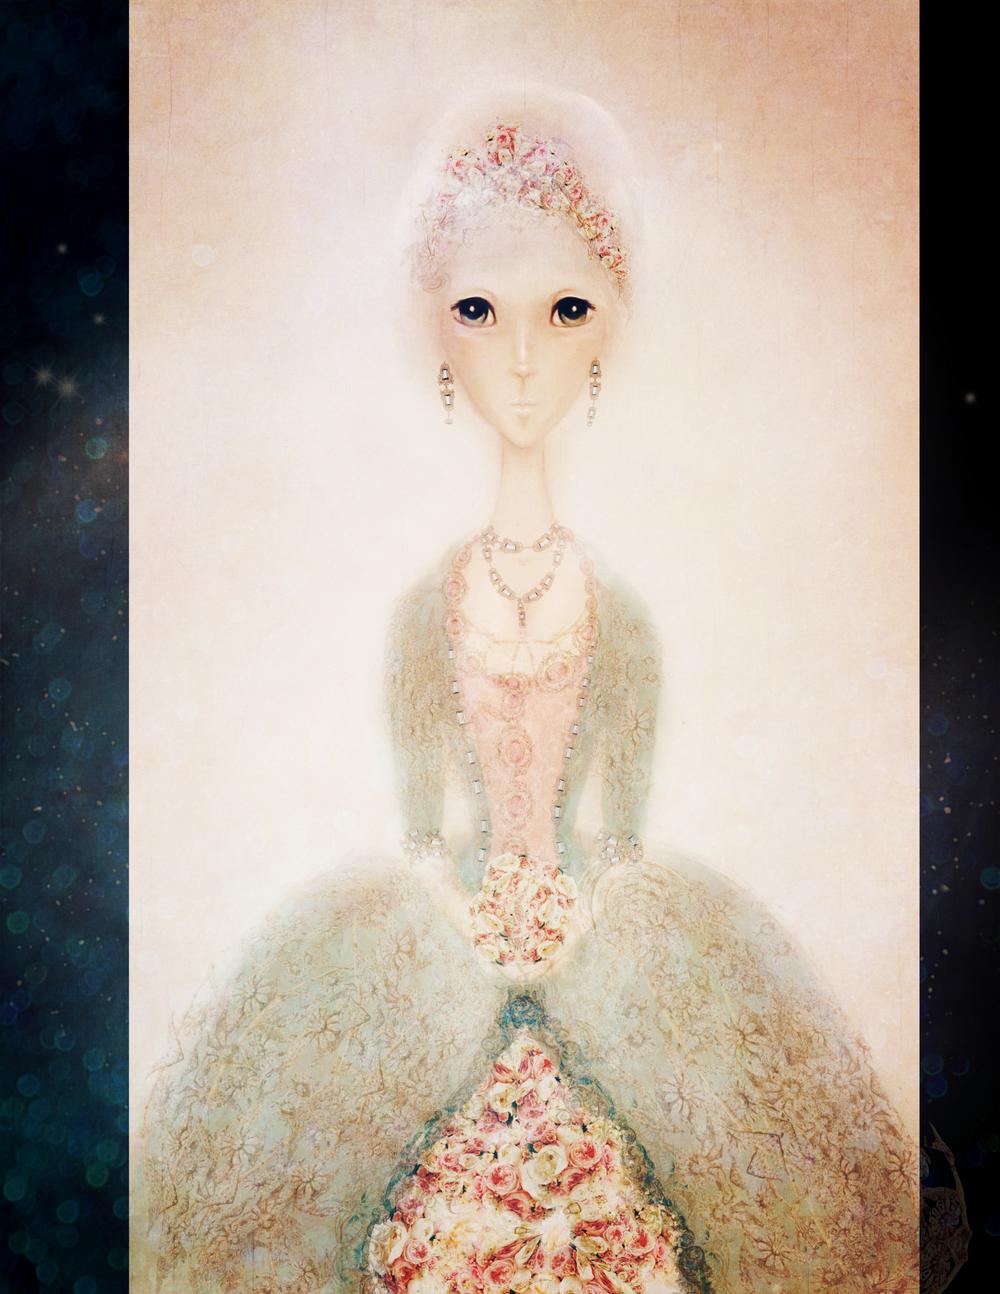 Anime Marie Antoinette illustration